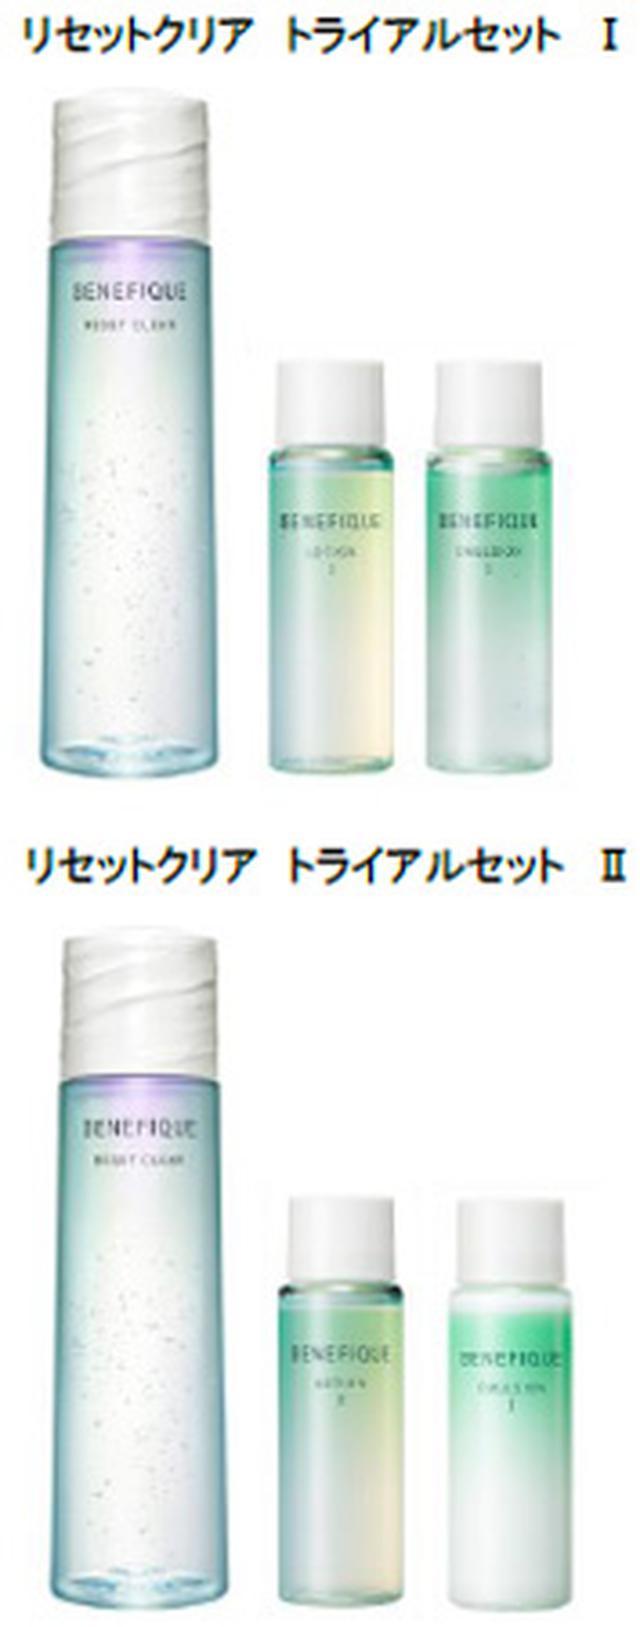 画像2: ベネフィーク リセットクリア トライアルセット Ⅰ・Ⅱ【数量限定品】